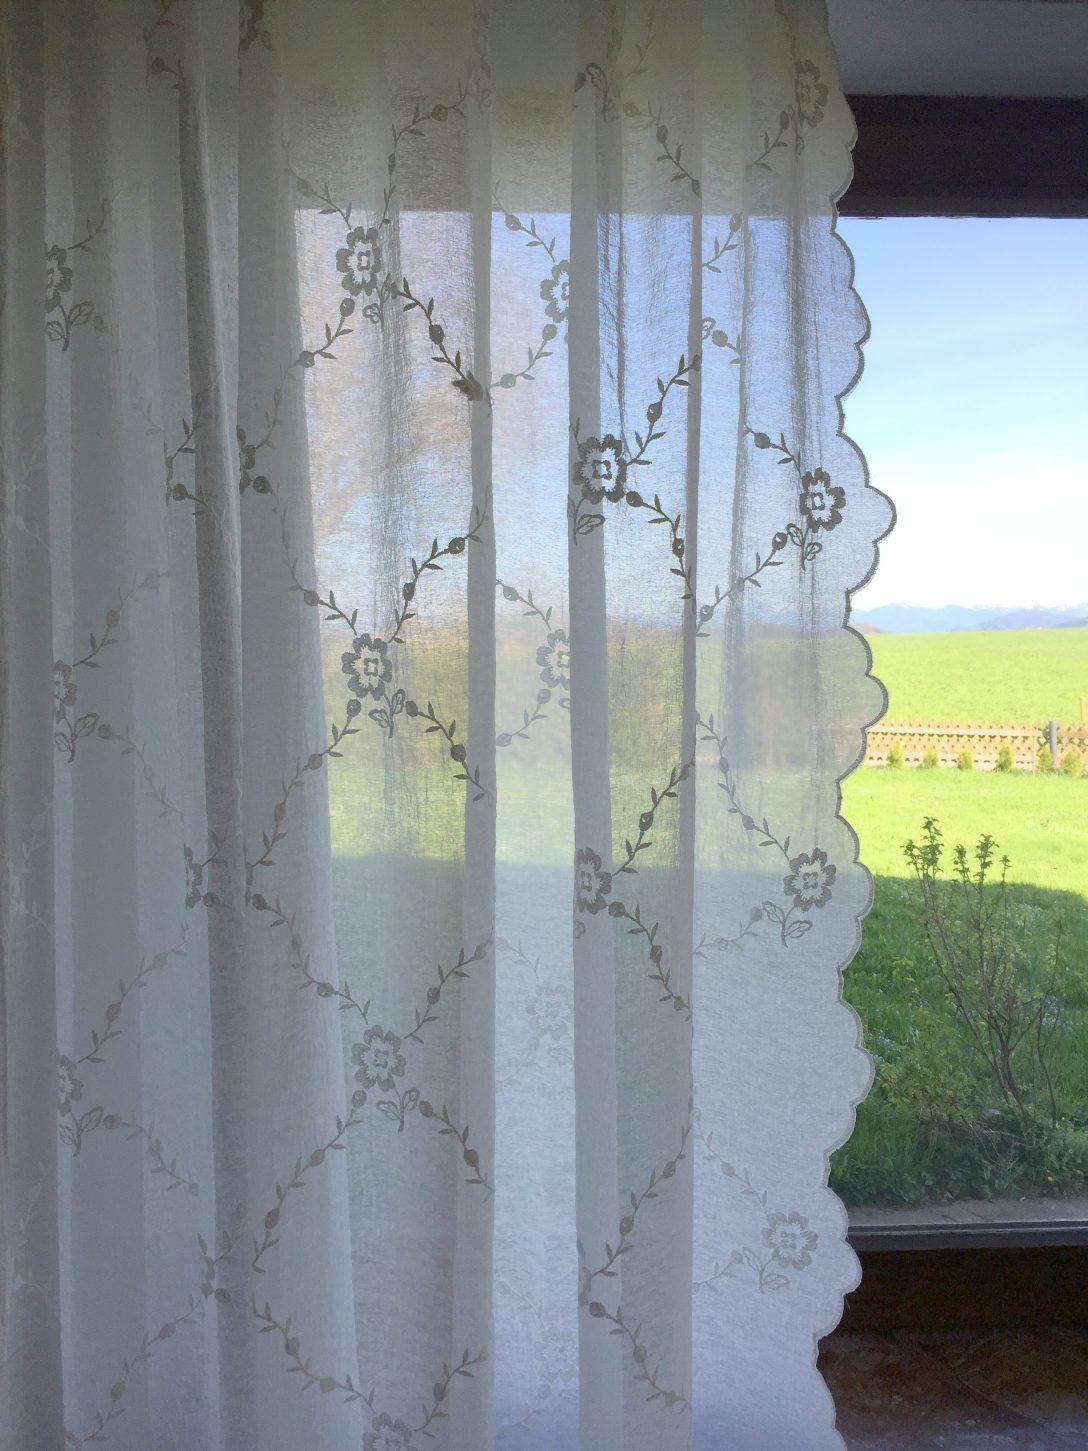 Large Size of Gardinen Schal Chiara Bestickt Offwhite 200x250 Cm Shabby Vintage Bad Landhausstil Wohnzimmer Bett Küche Betten Sofa Schlafzimmer Regal Esstisch Für Wohnzimmer Gardinen Landhausstil